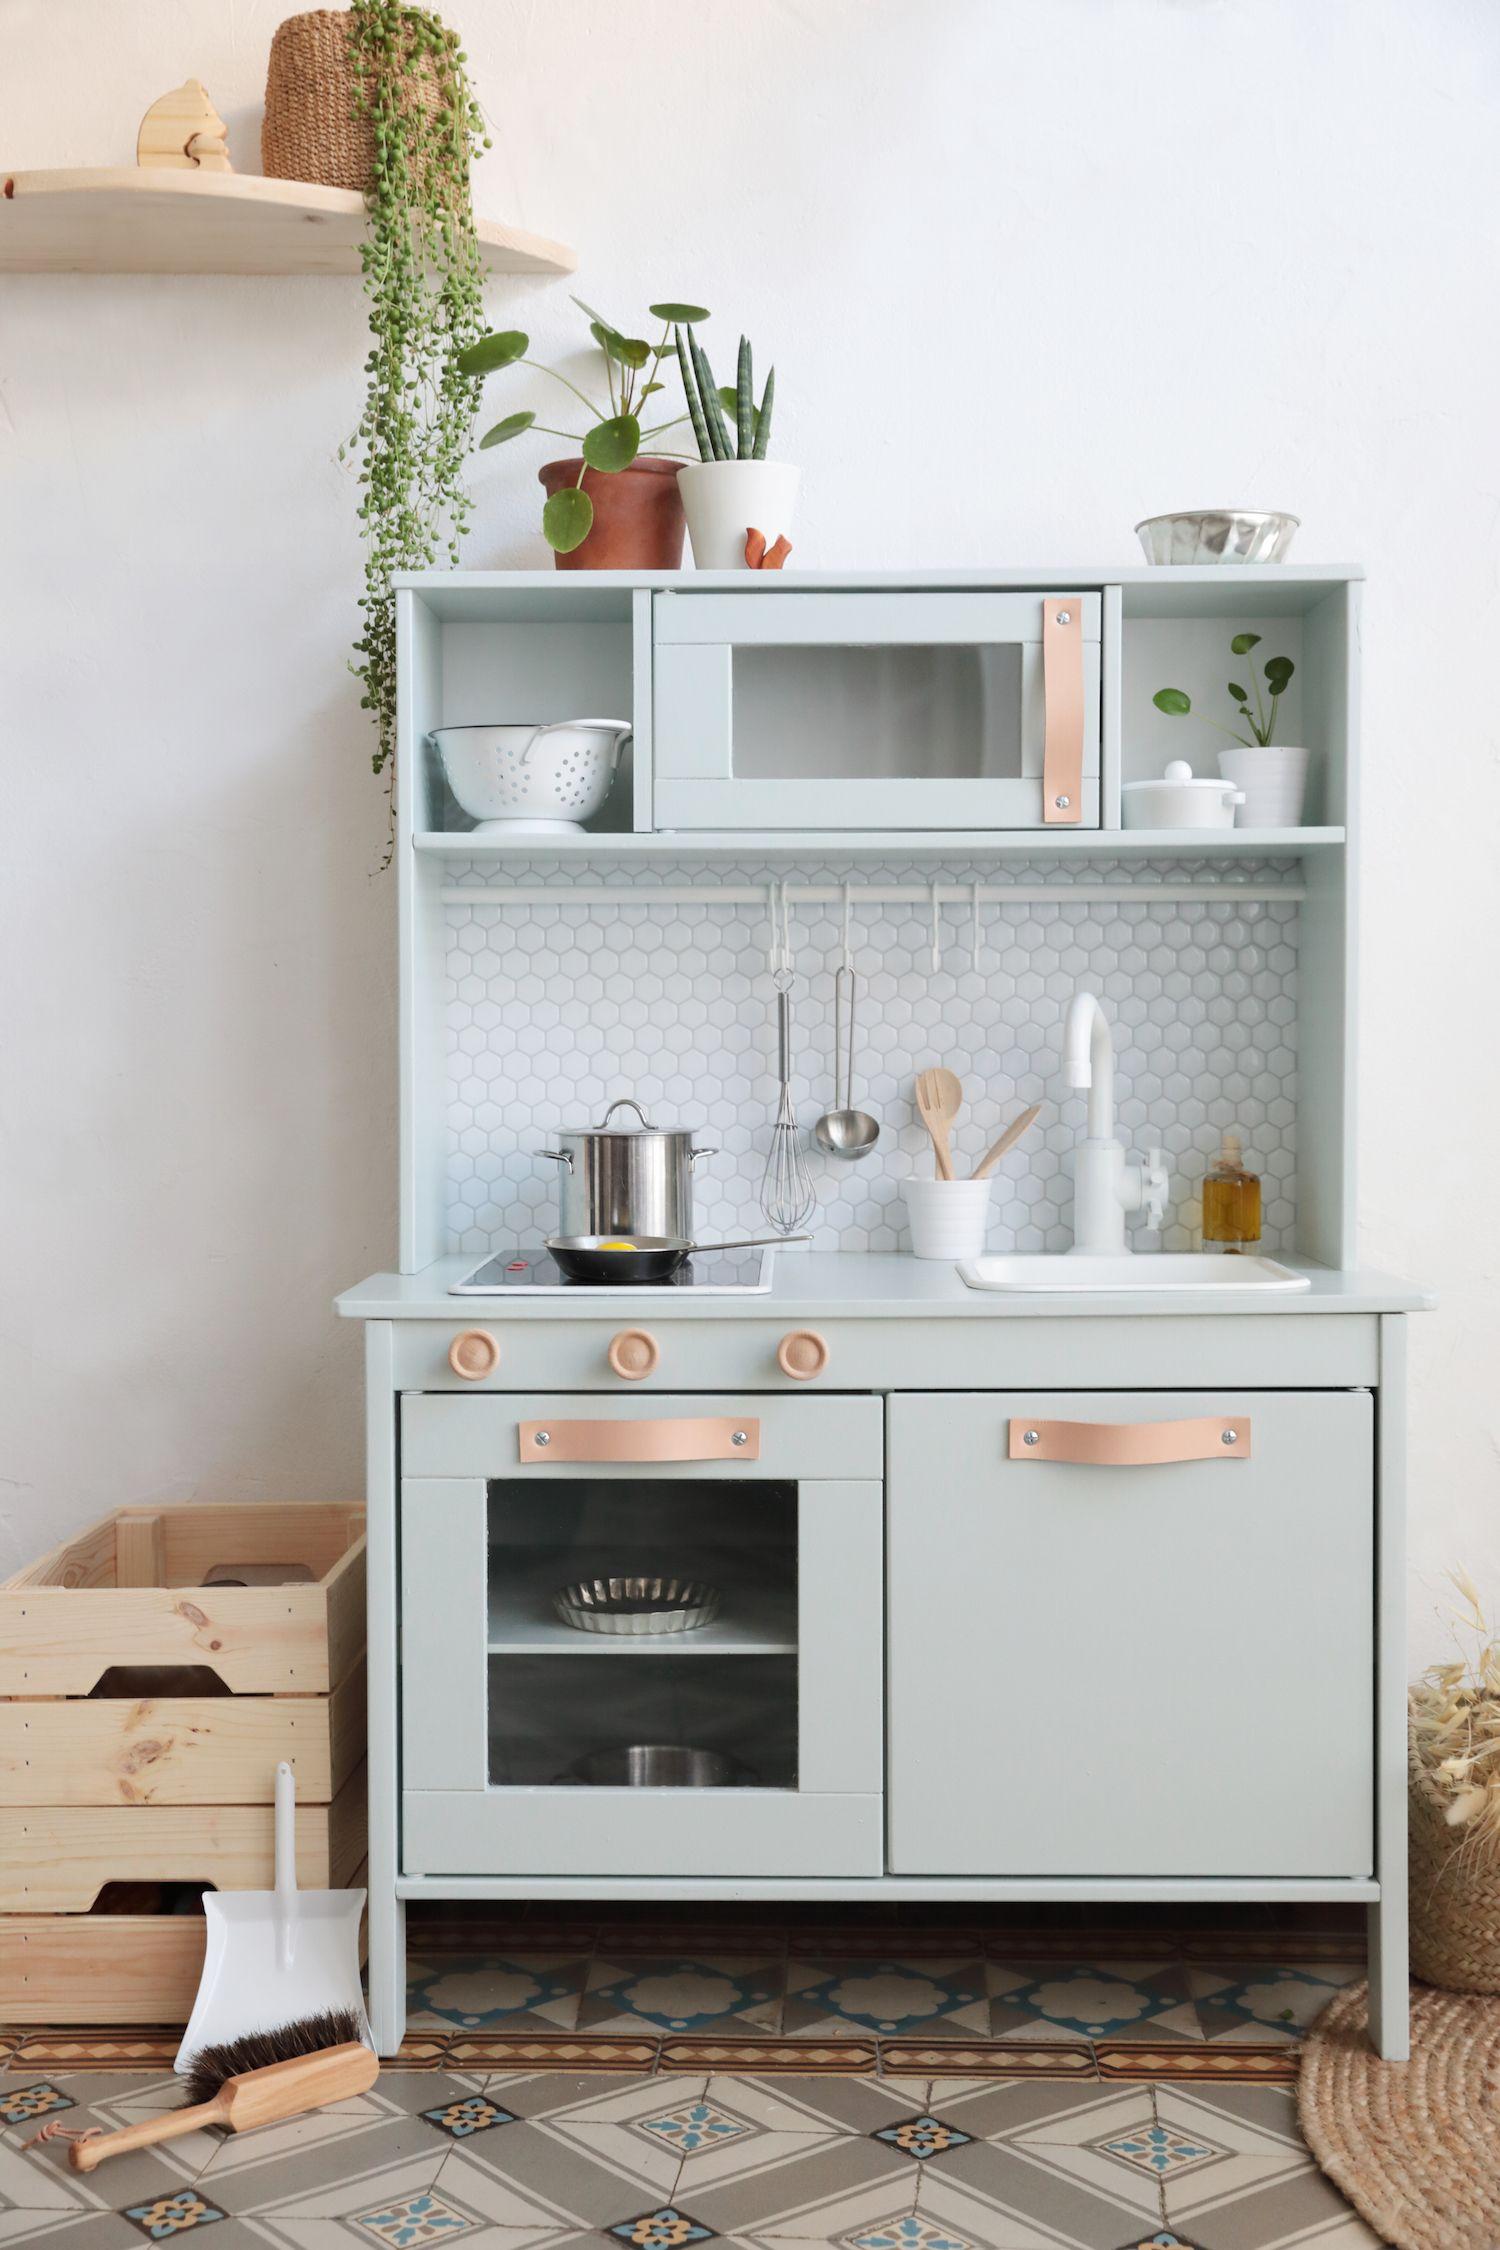 Ikea Hack : comment relooker la cuisine pour enfant Duktig ? | Ikea ...